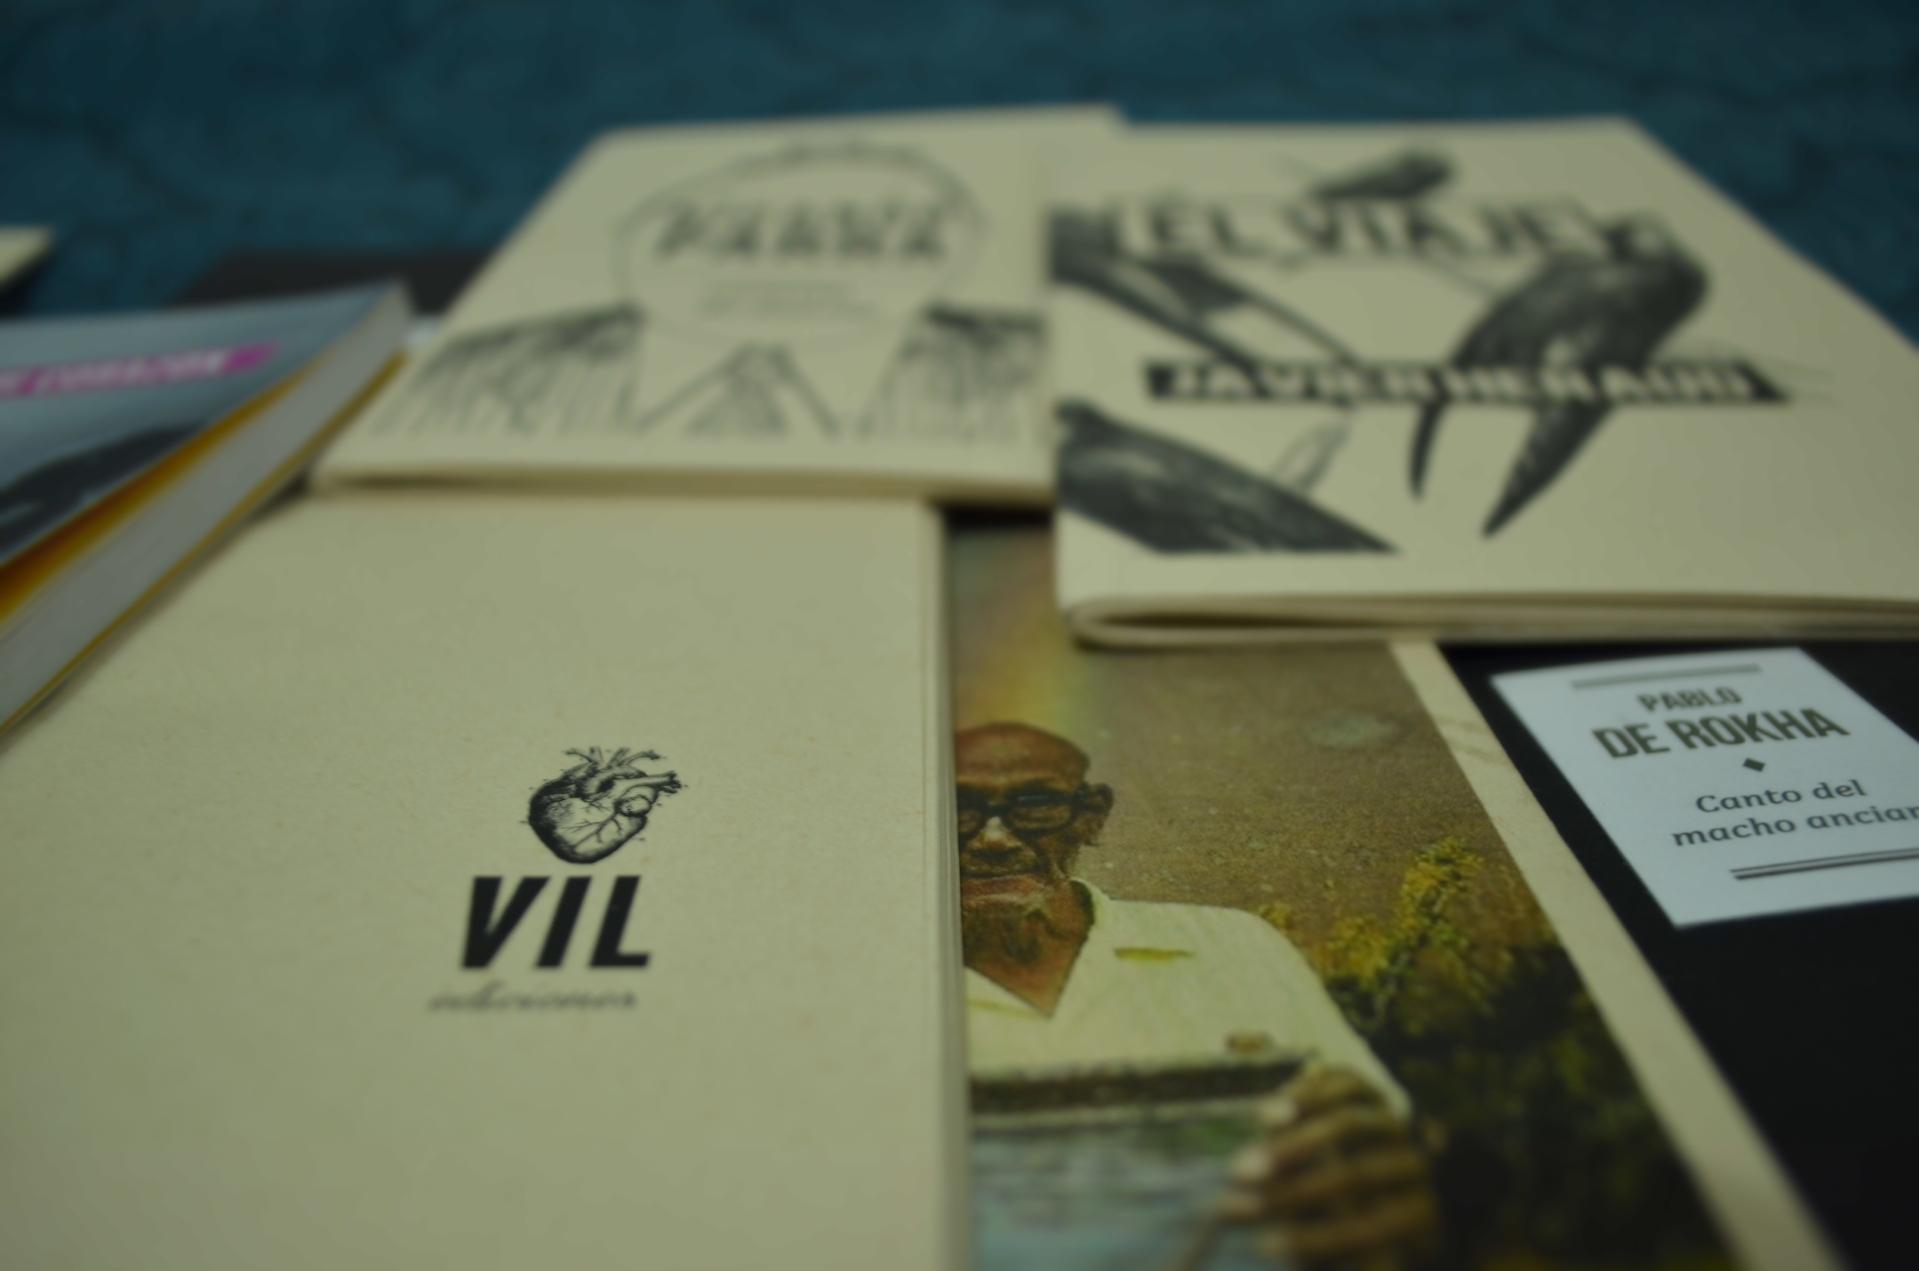 Algunos ejemplares de Vil Ediciones. Foto: John Díaz para Literariedad.